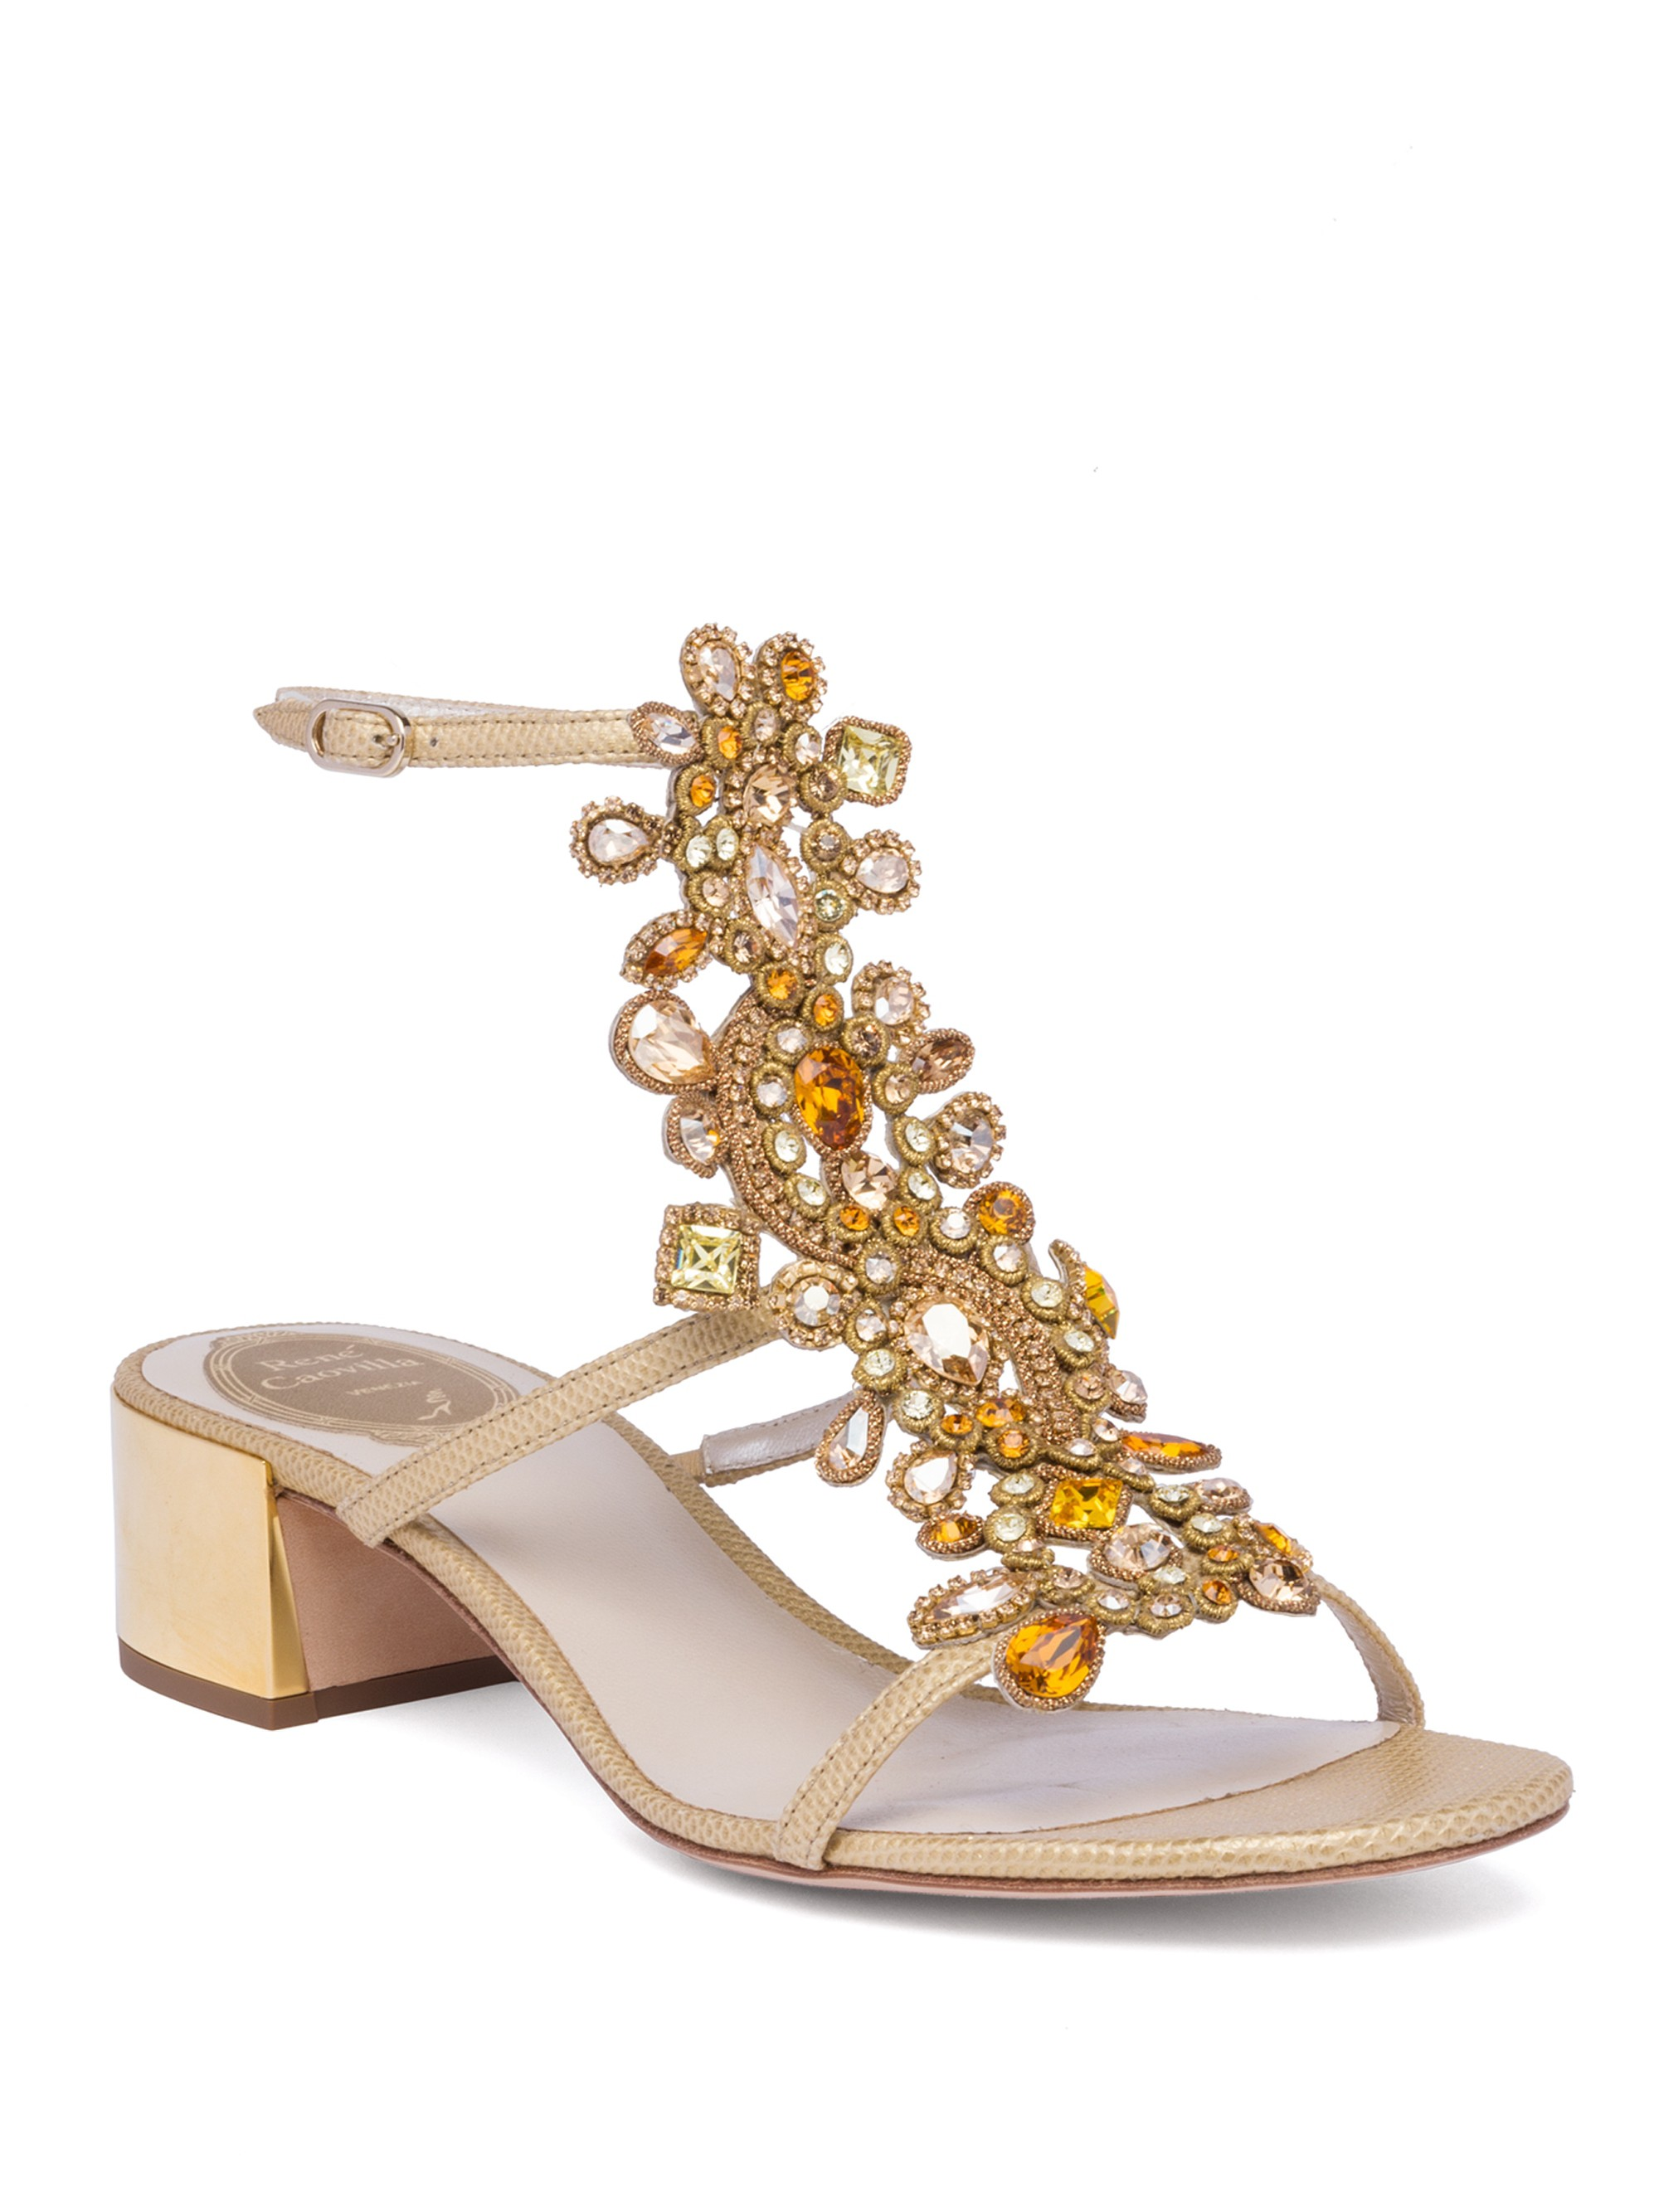 René Caovilla Crystals Crystal-Embellished Snakeskin T-Strap Block Heel Sandals